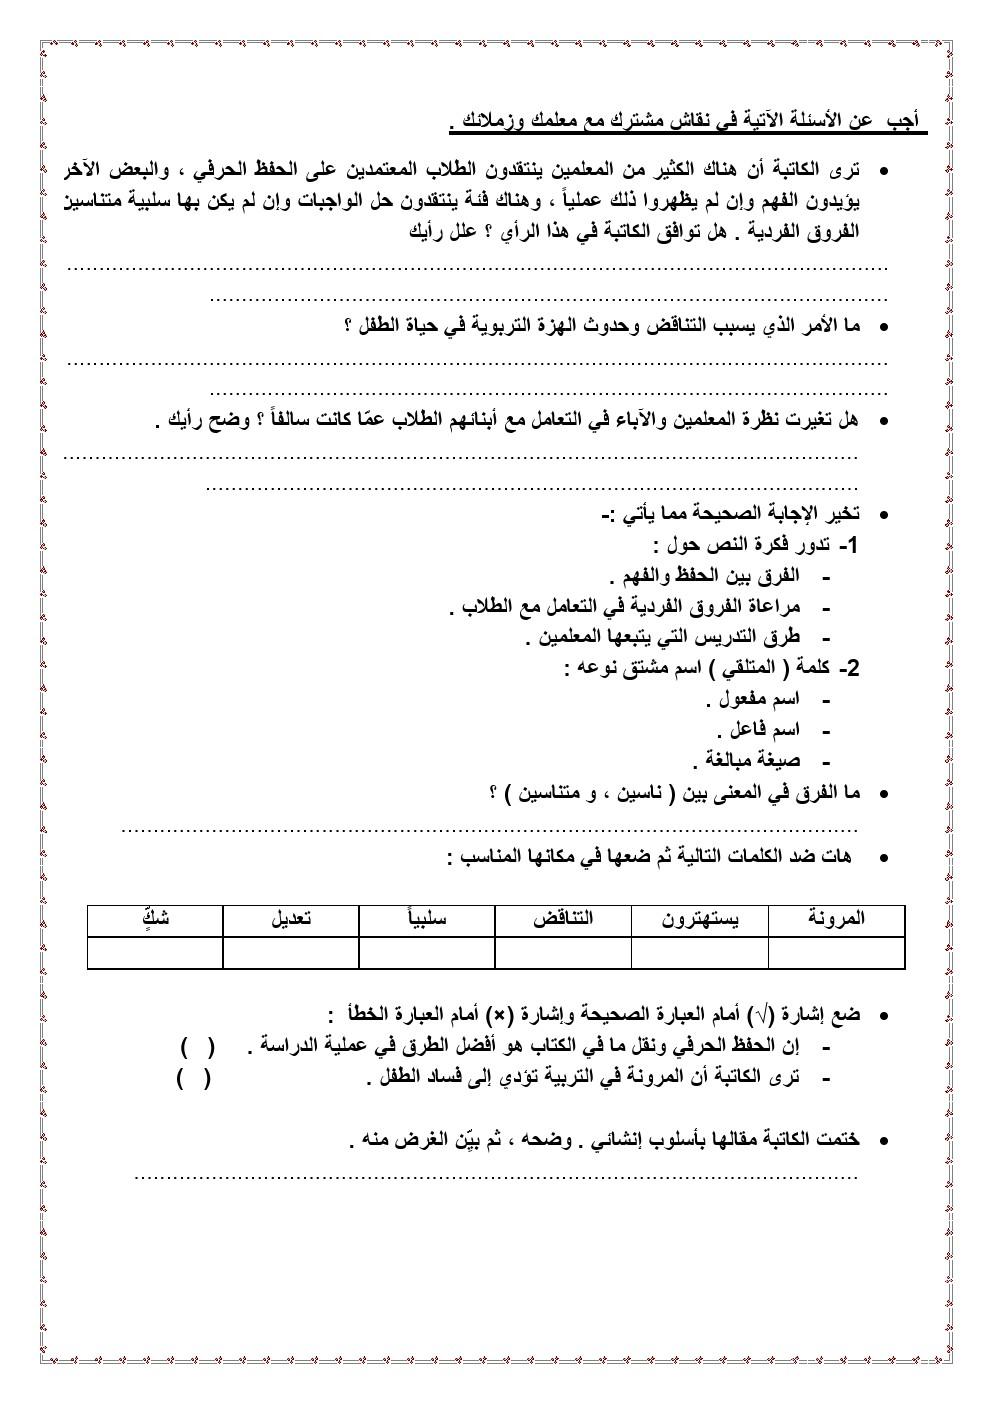 حل كتاب اللغة العربية للصف العاشر